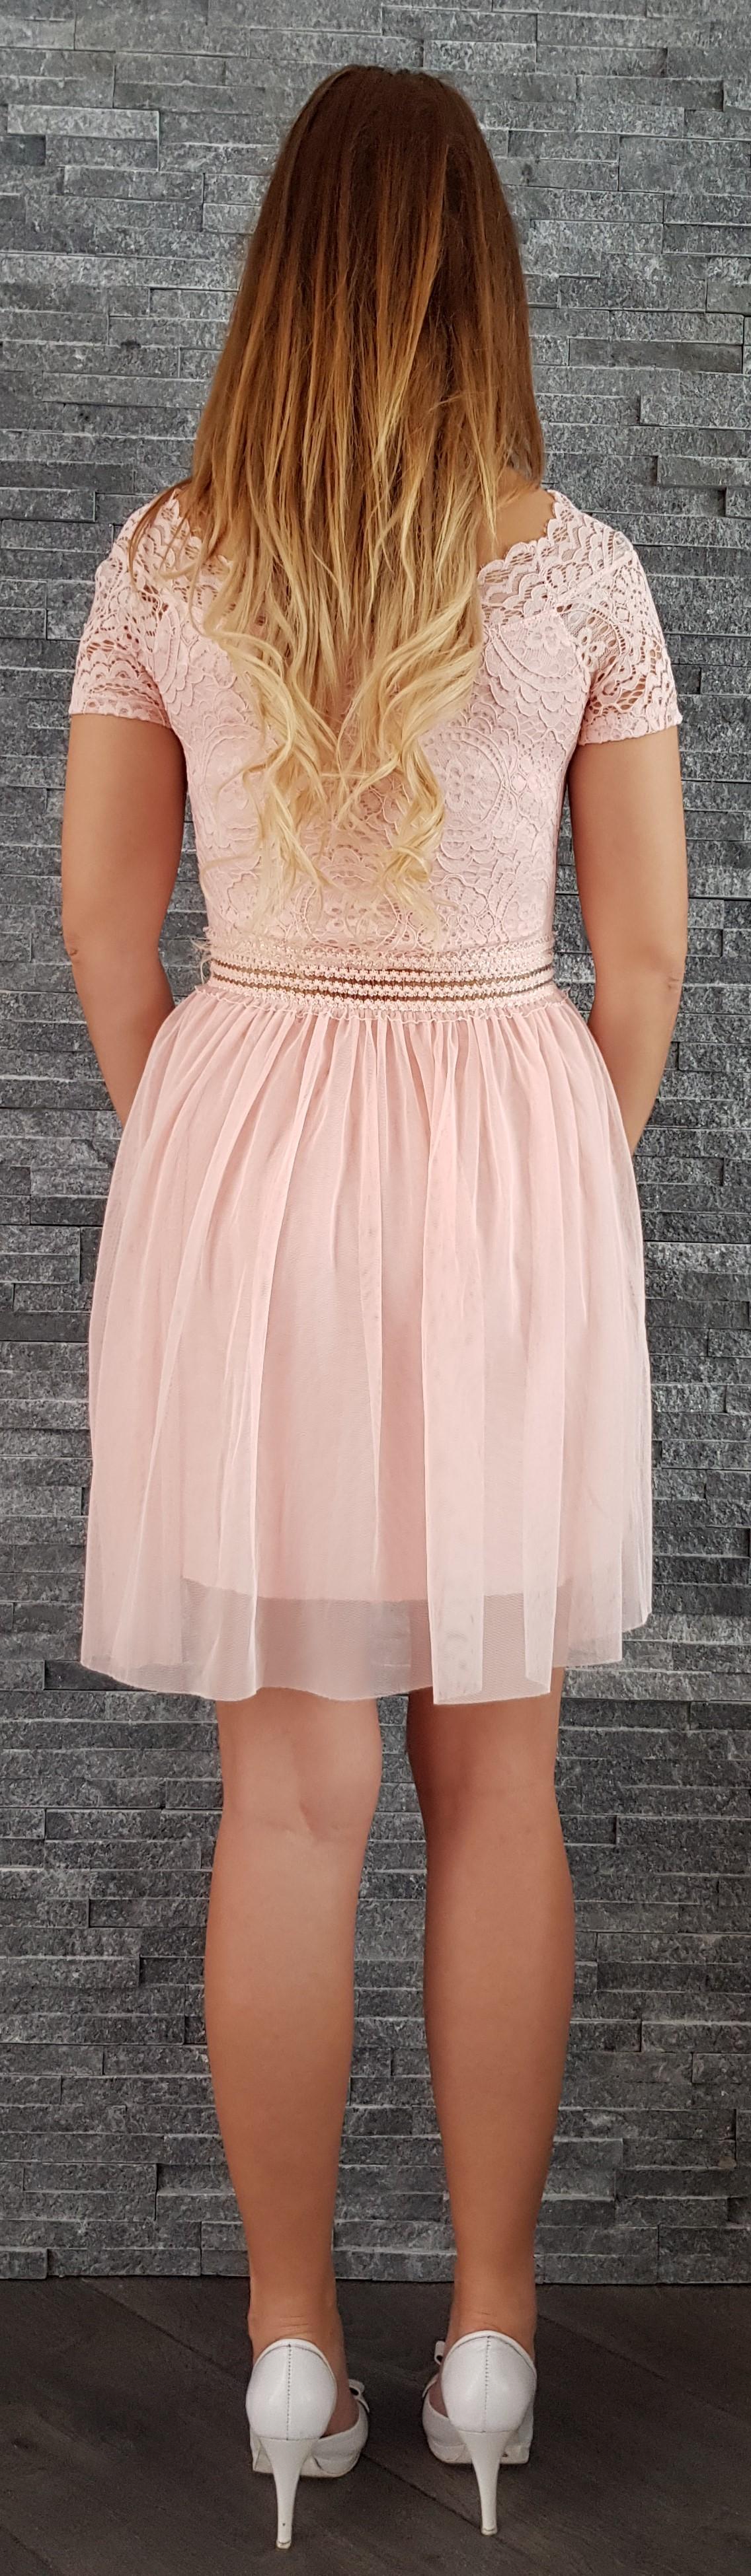 b31f866af167 Romantické šaty s čipkou ružové